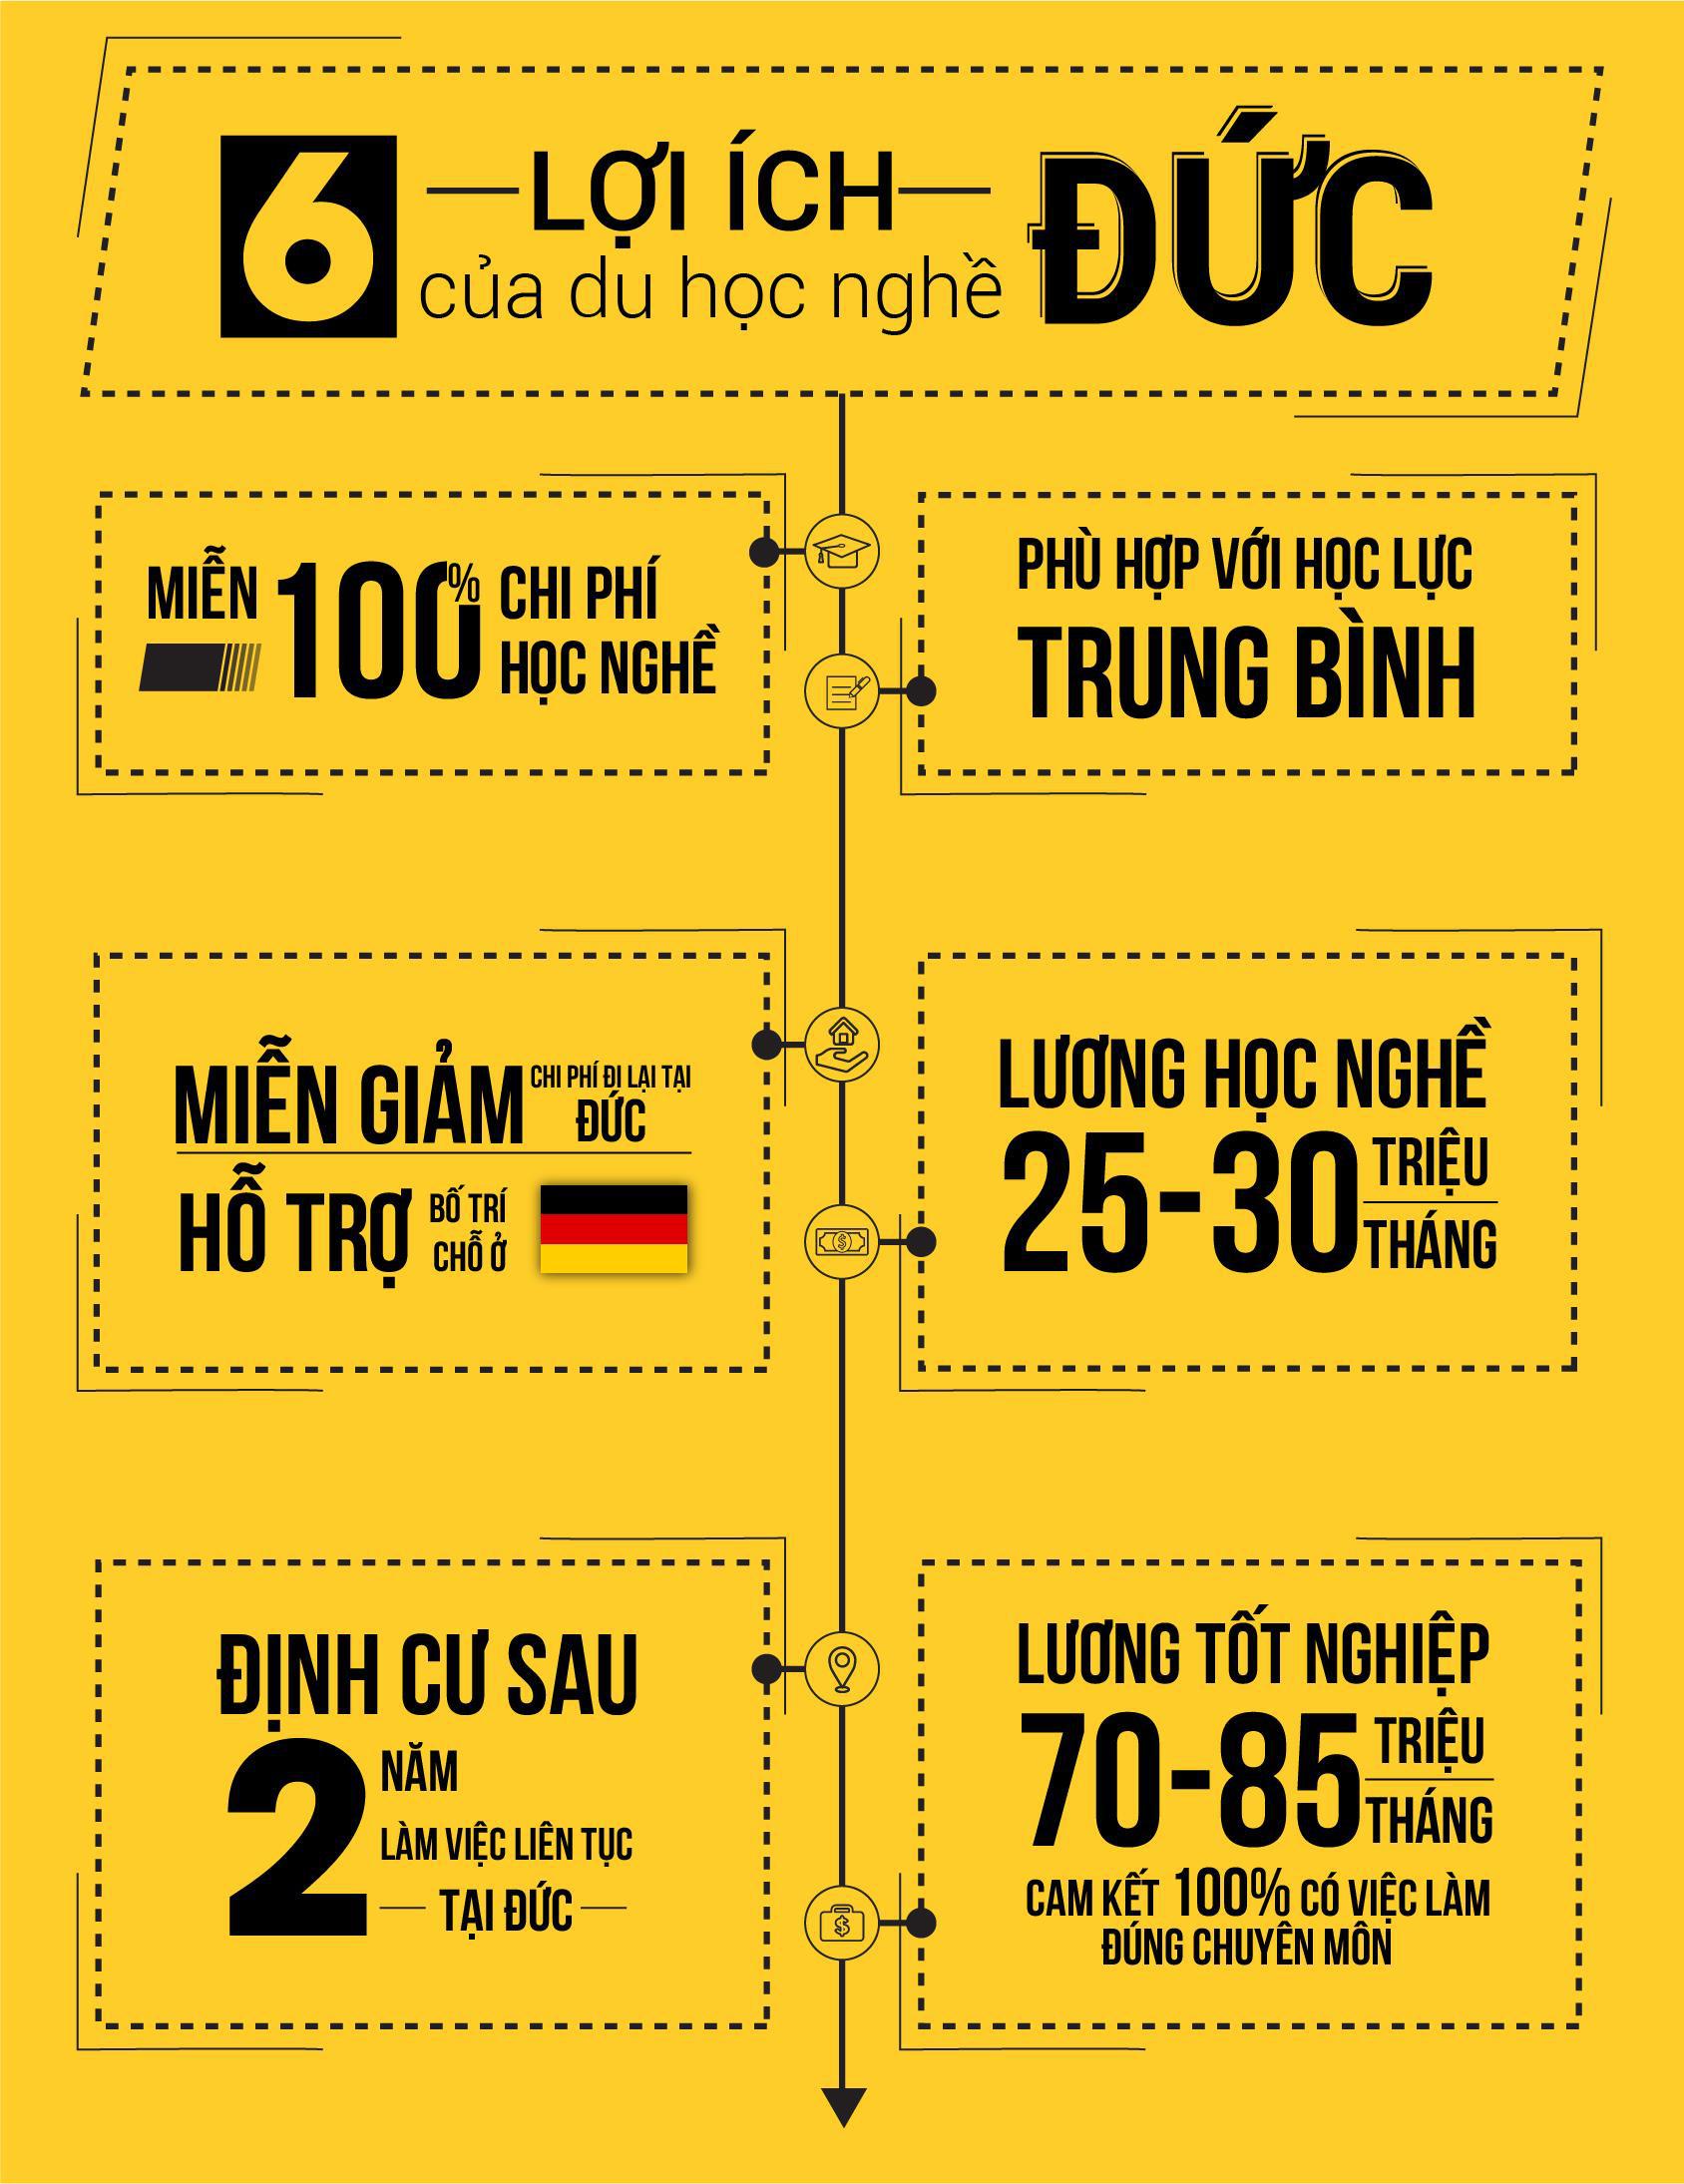 Du học nghề Đức có thật sự là cơ hội cho giới trẻ Việt? - Ảnh 2.